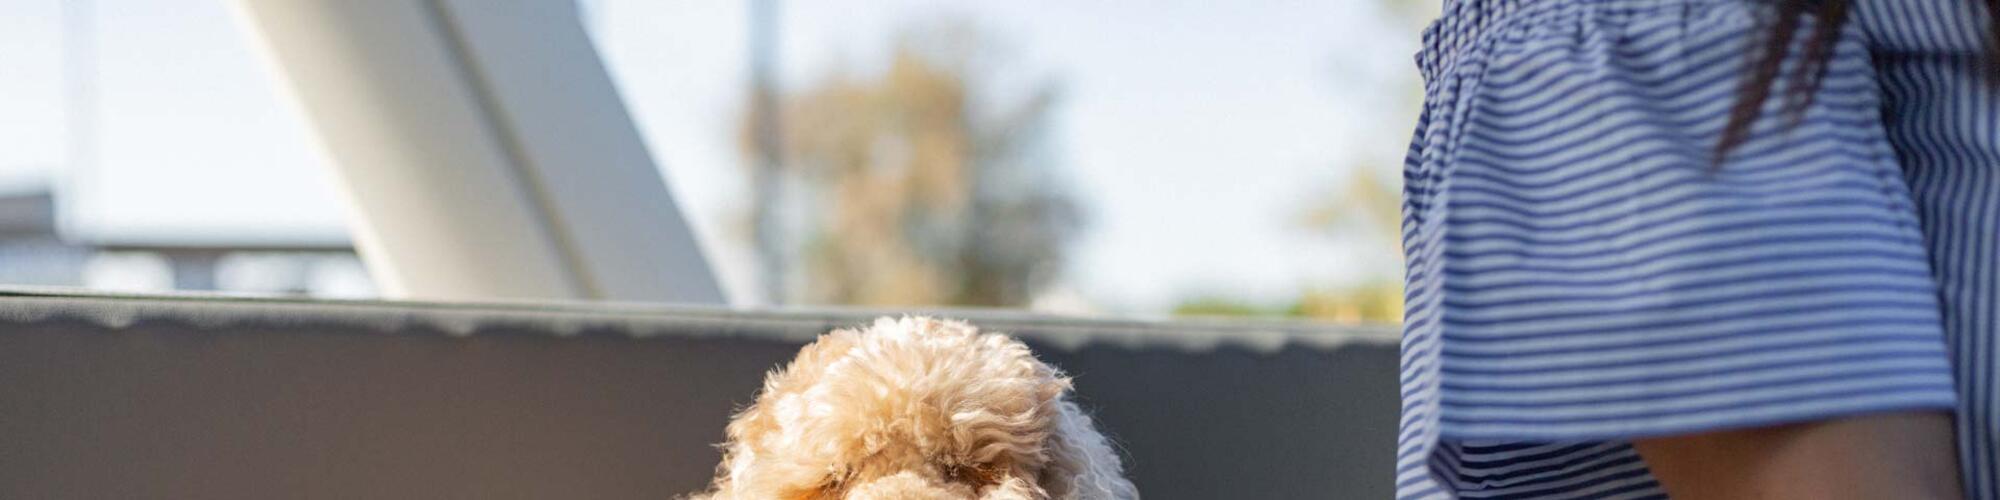 Hotel Cervia für Haustiere: Urlaub mit Ihrem Hund im 3-Sterne-Hotel ...